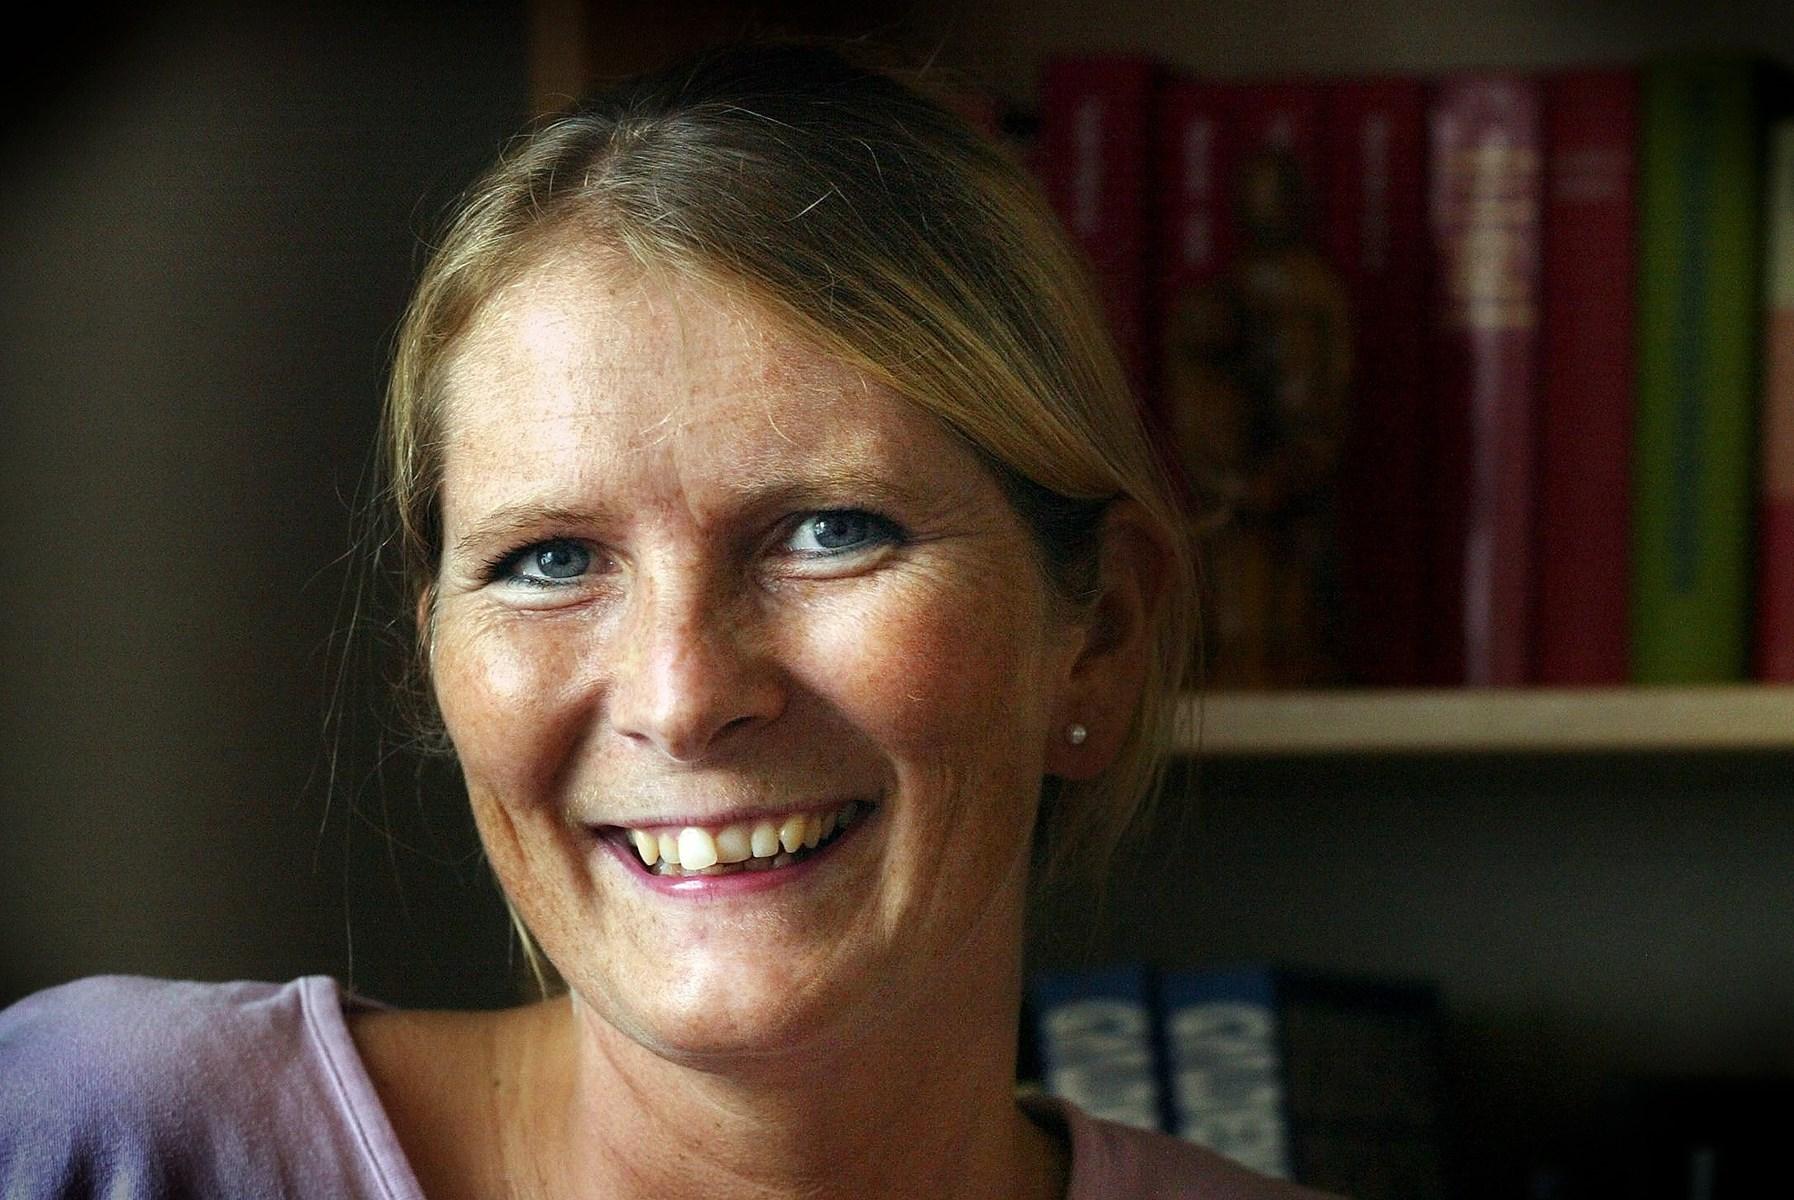 Kvinde Søger Kvinde Denmark Hjørring